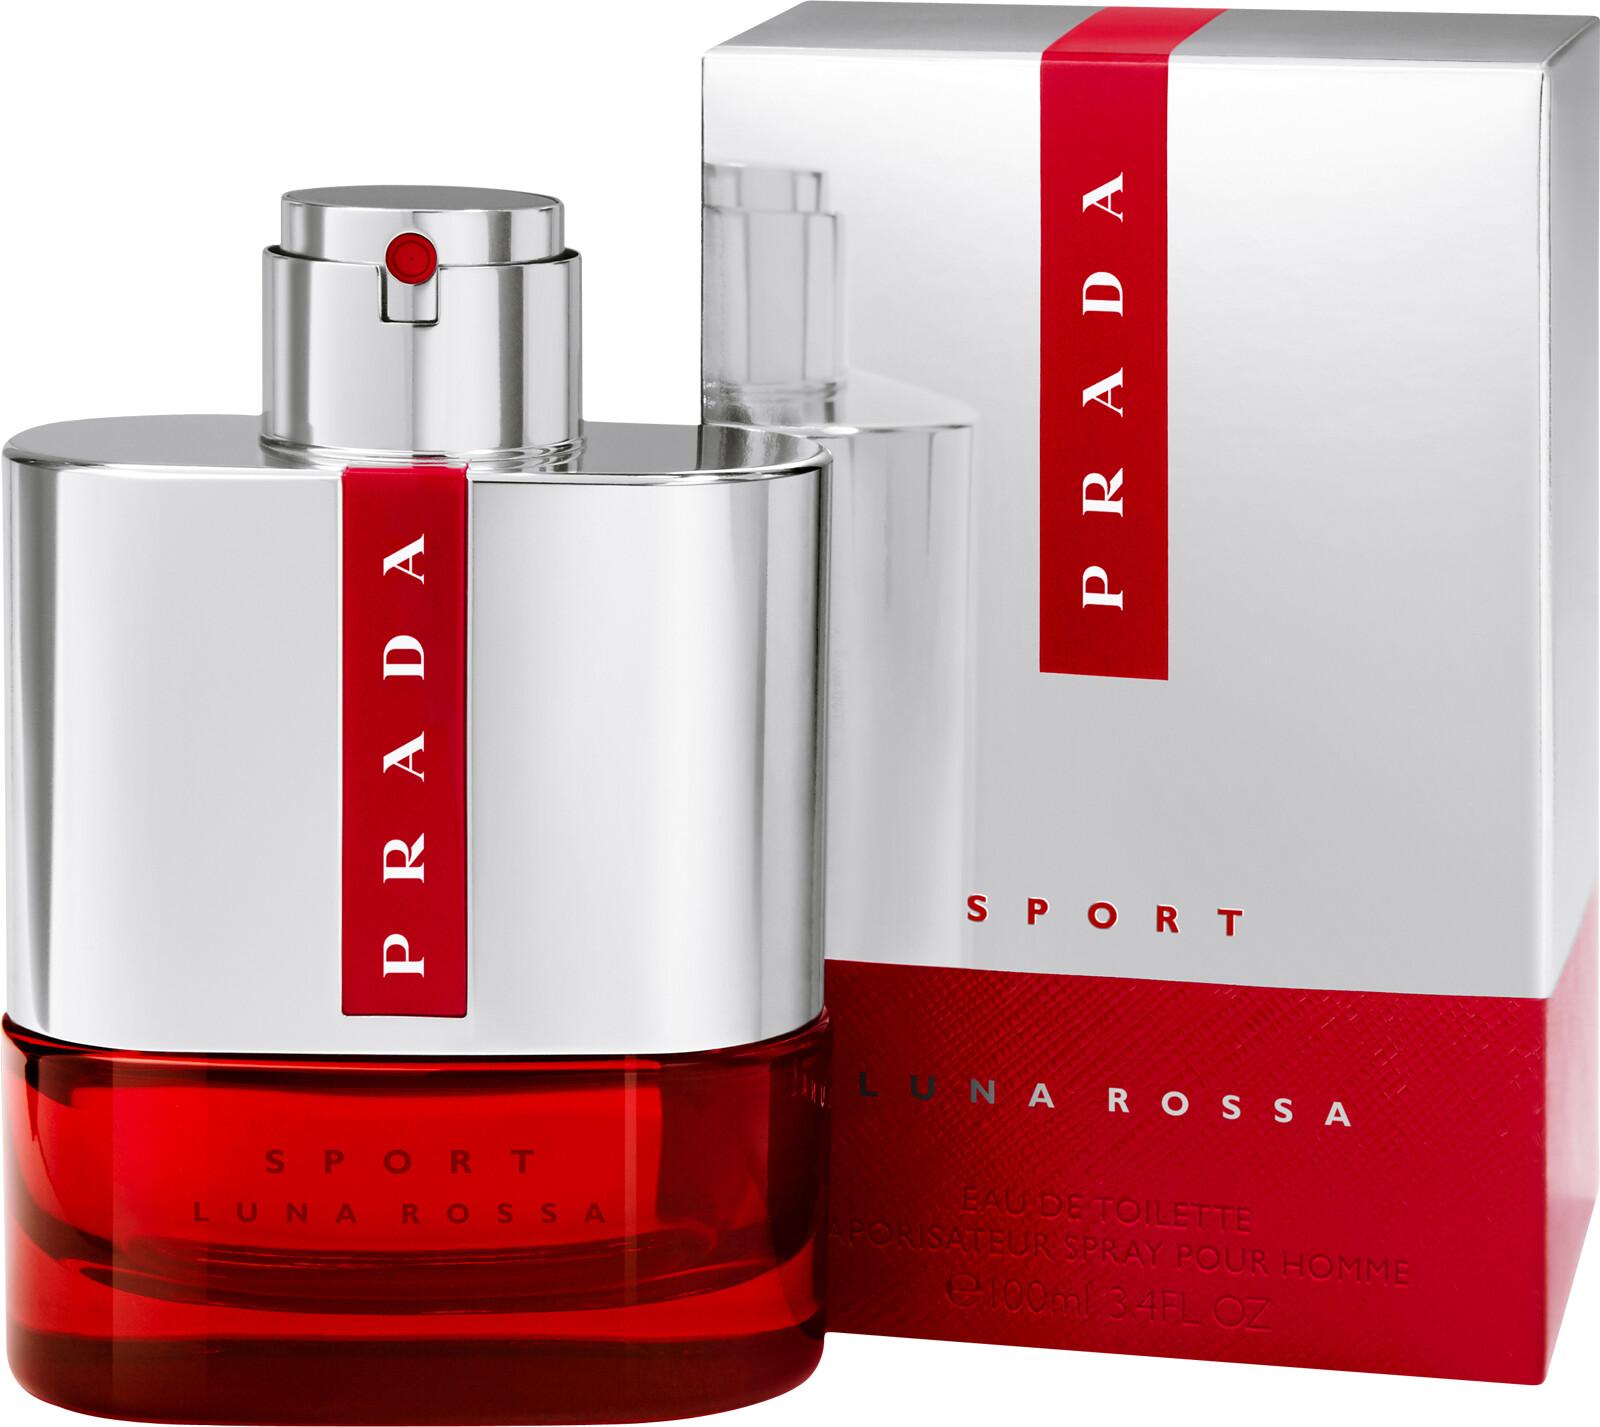 Prada Luna Rossa Sport Eau De Toilette Spray Guerlain Lamp039instant Extreme Pour Homme Parfum 75ml